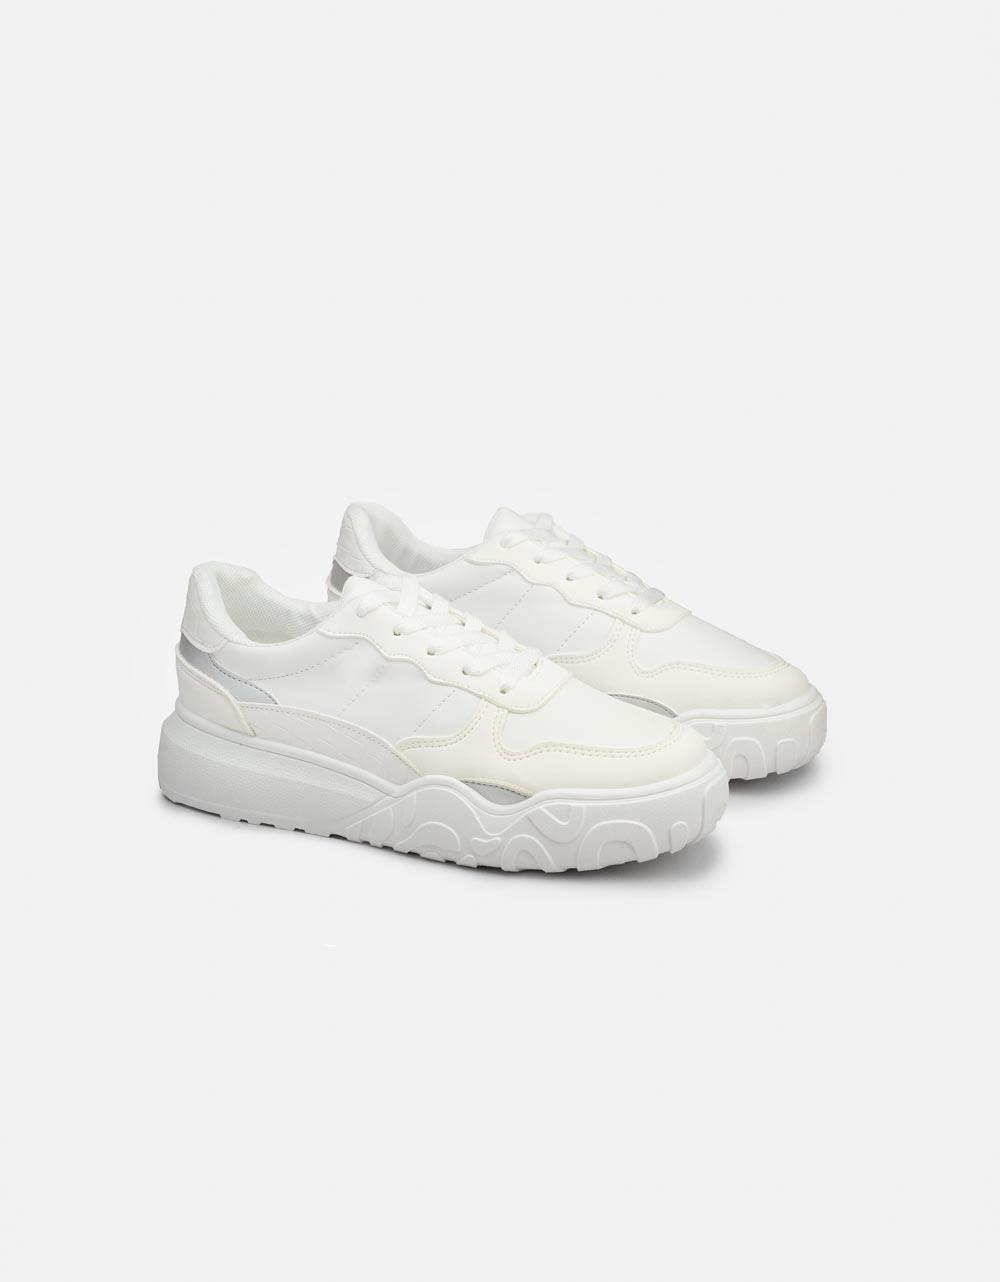 Εικόνα από Γυναικεία sneakers με διάτρητο σχέδιο Λευκό